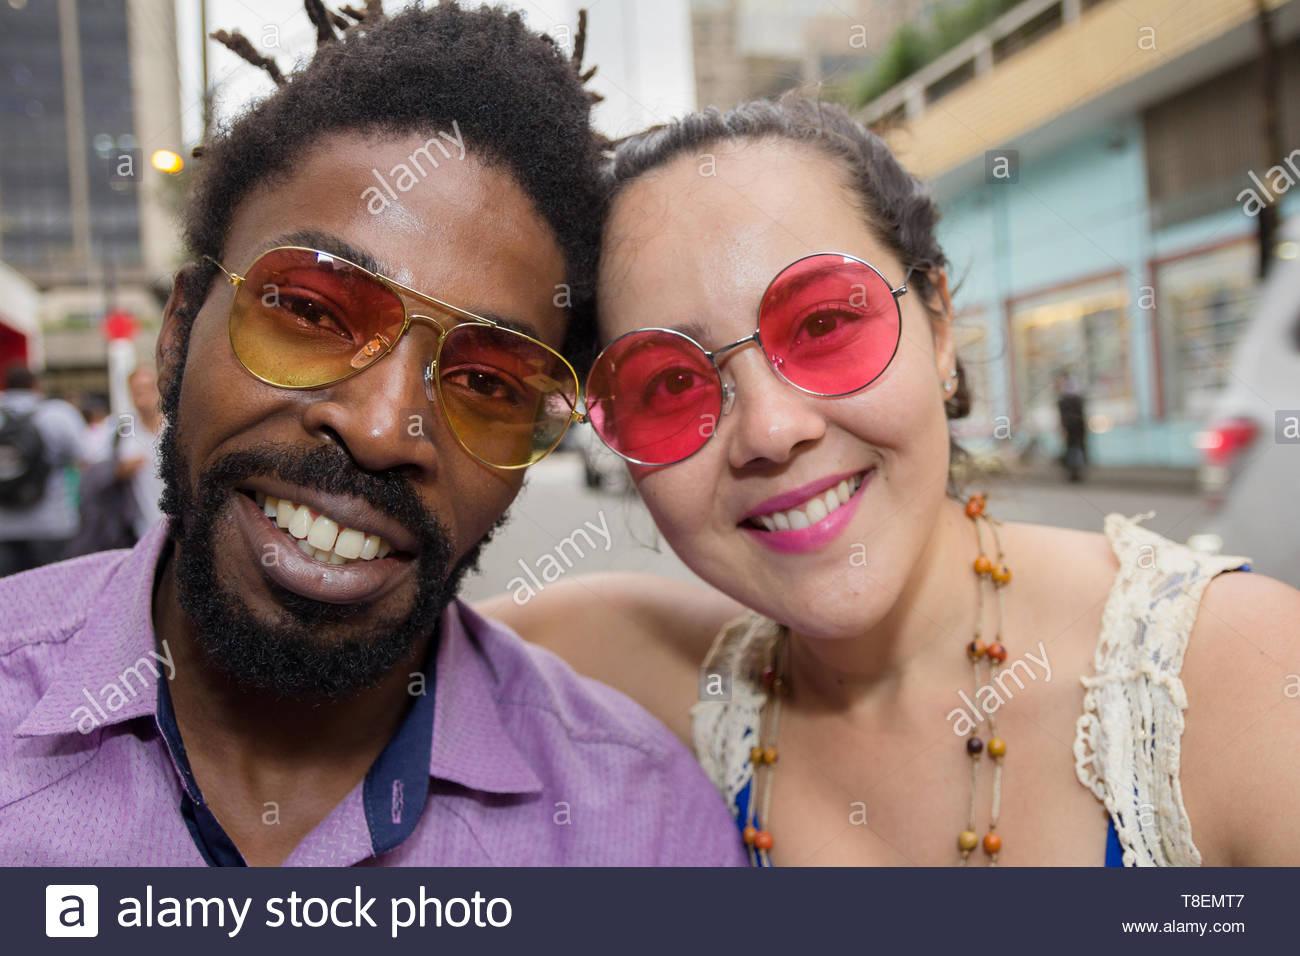 Schwarze Geschwindigkeit Dating raleigh ncZucker-Mama Dating-Websites nigeria